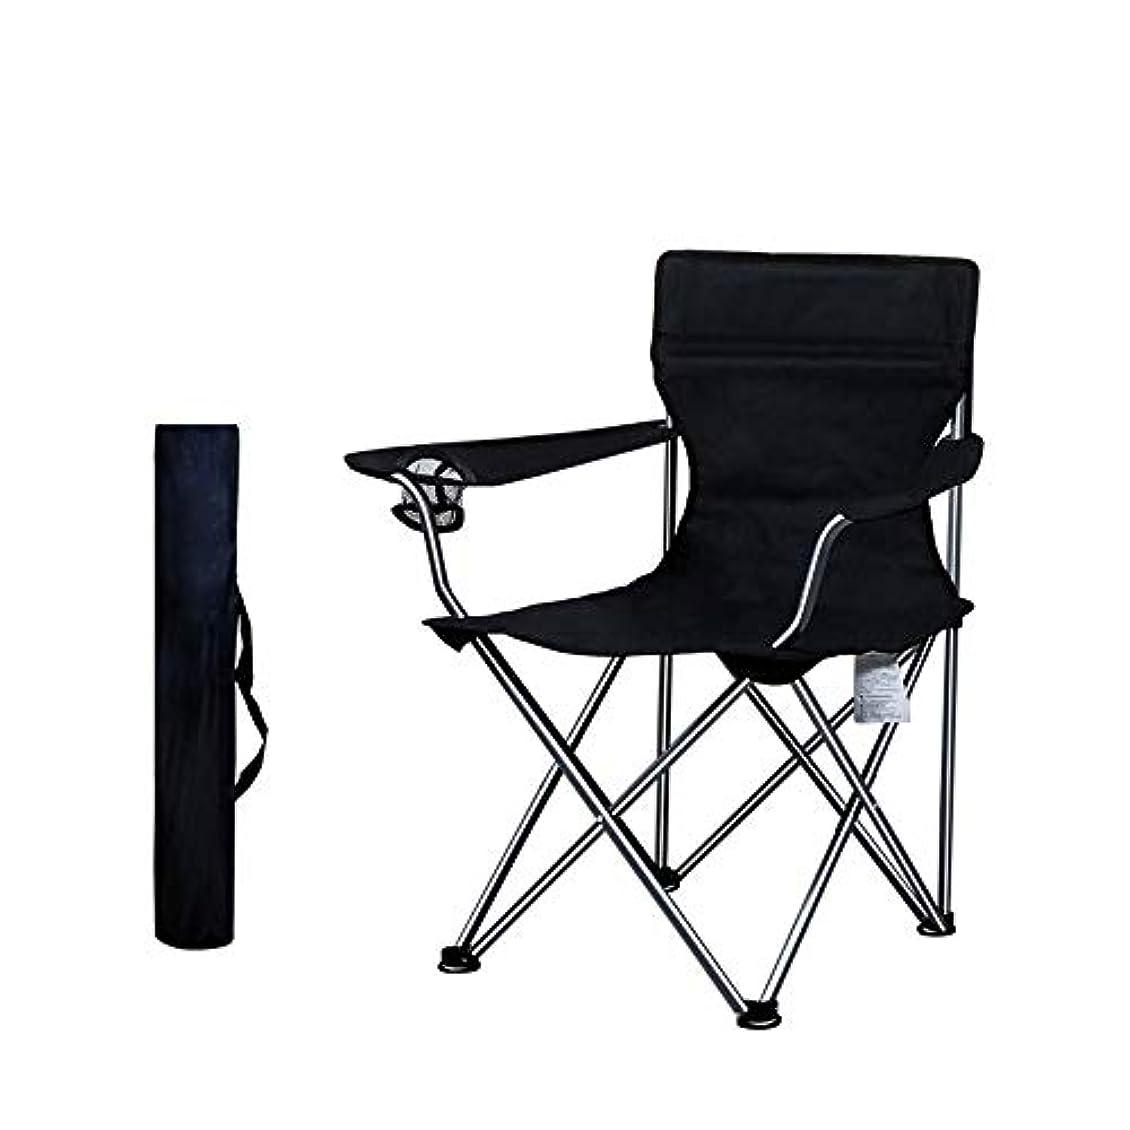 プレビューテメリティ近々MTao アウトドアチェア 折畳み式 椅子 コンパクト 持ち運び イス 背もたれ式 収納バッグ付き 組み立て不要 携帯便利 軽量 多機能 BBQ 美術写生 登山 釣り キャンプ用 耐荷重120kg